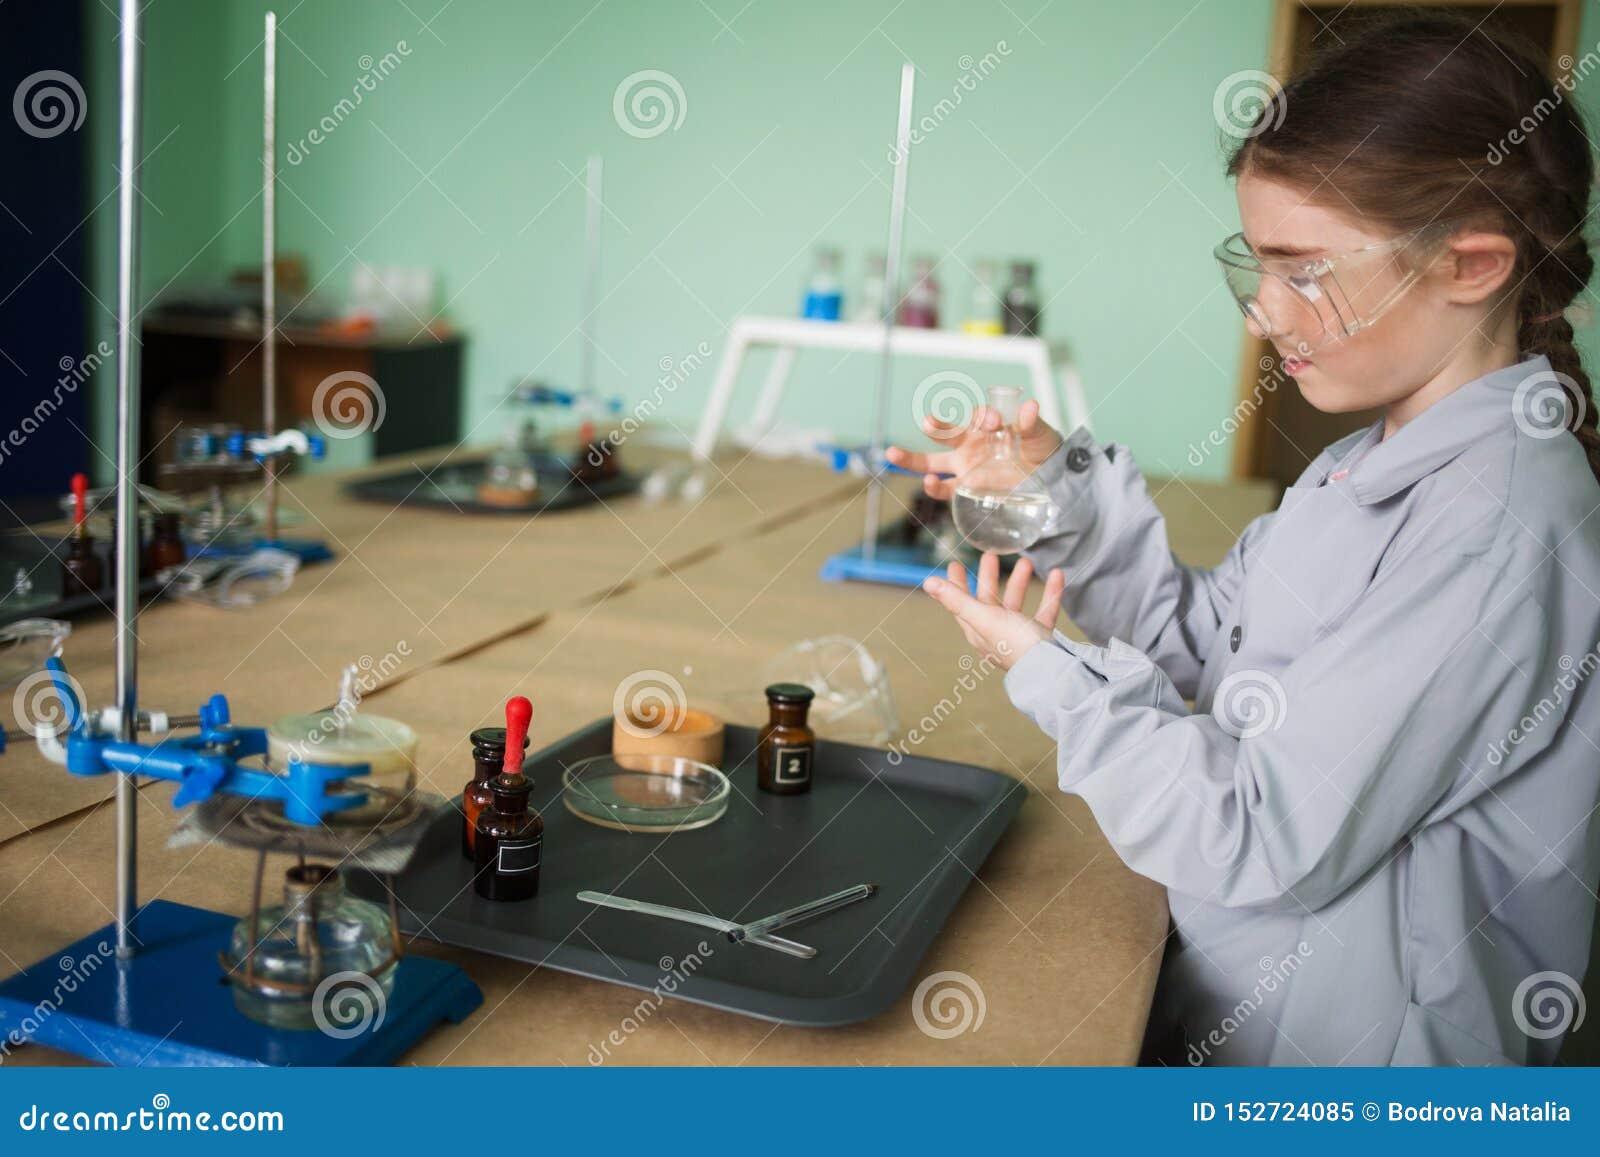 Dziecko uczeń w chemia pokoju ekscytować eksperymenty i doświadczenia dla dzieci